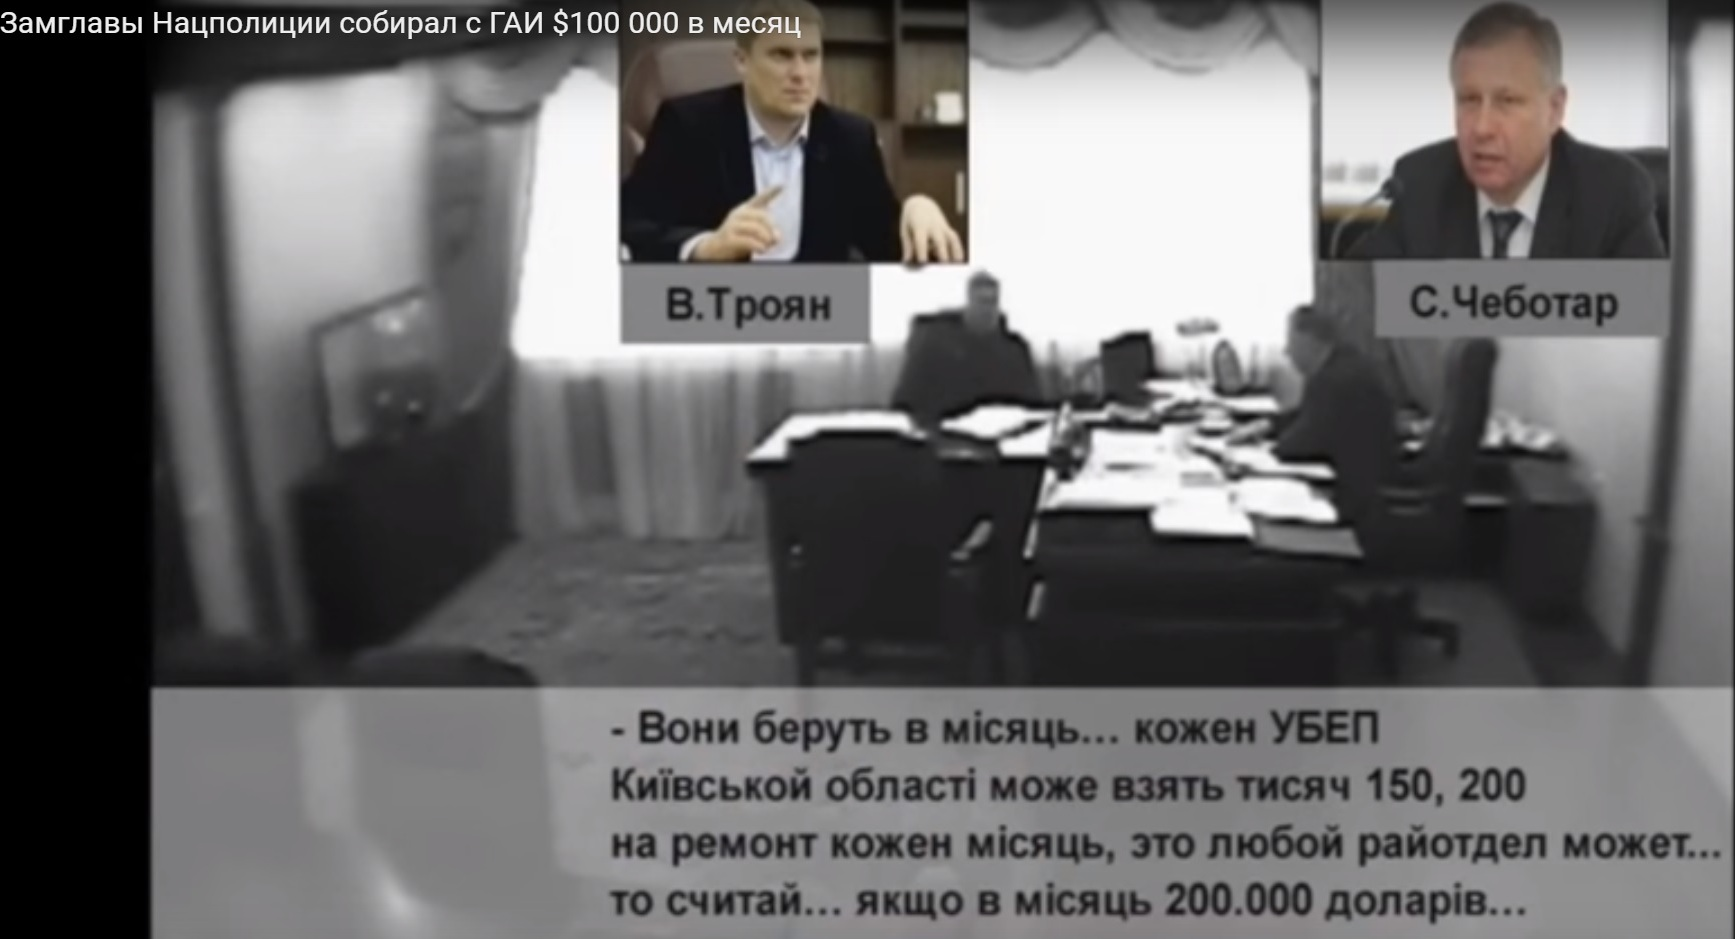 Кабмин назначил Трояна заместителем министра внутренних дел - Цензор.НЕТ 5301